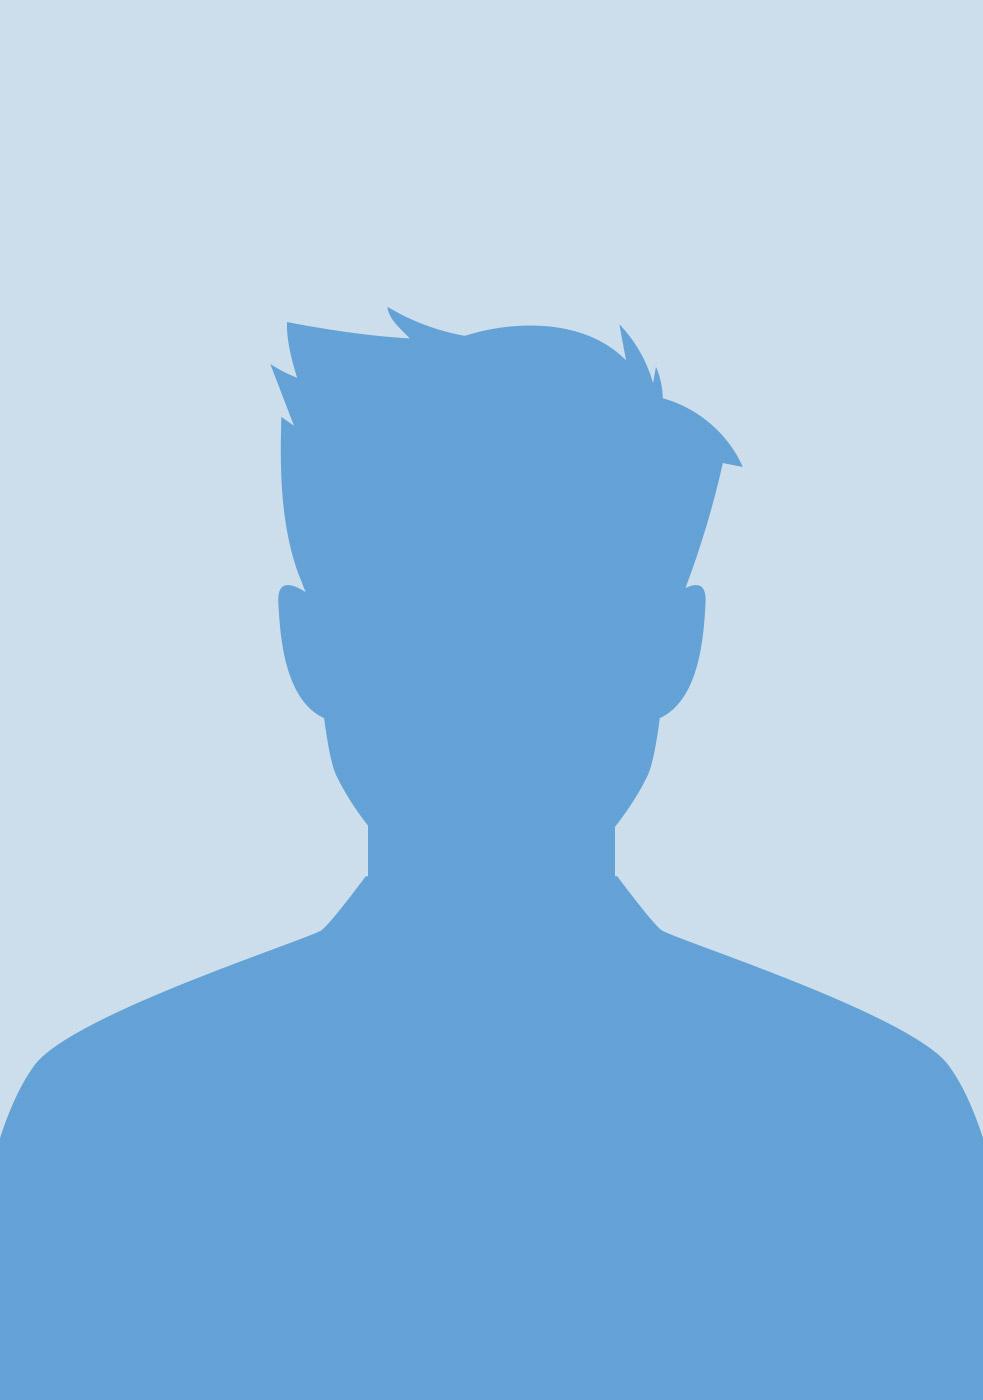 Kang-Ho profil homme